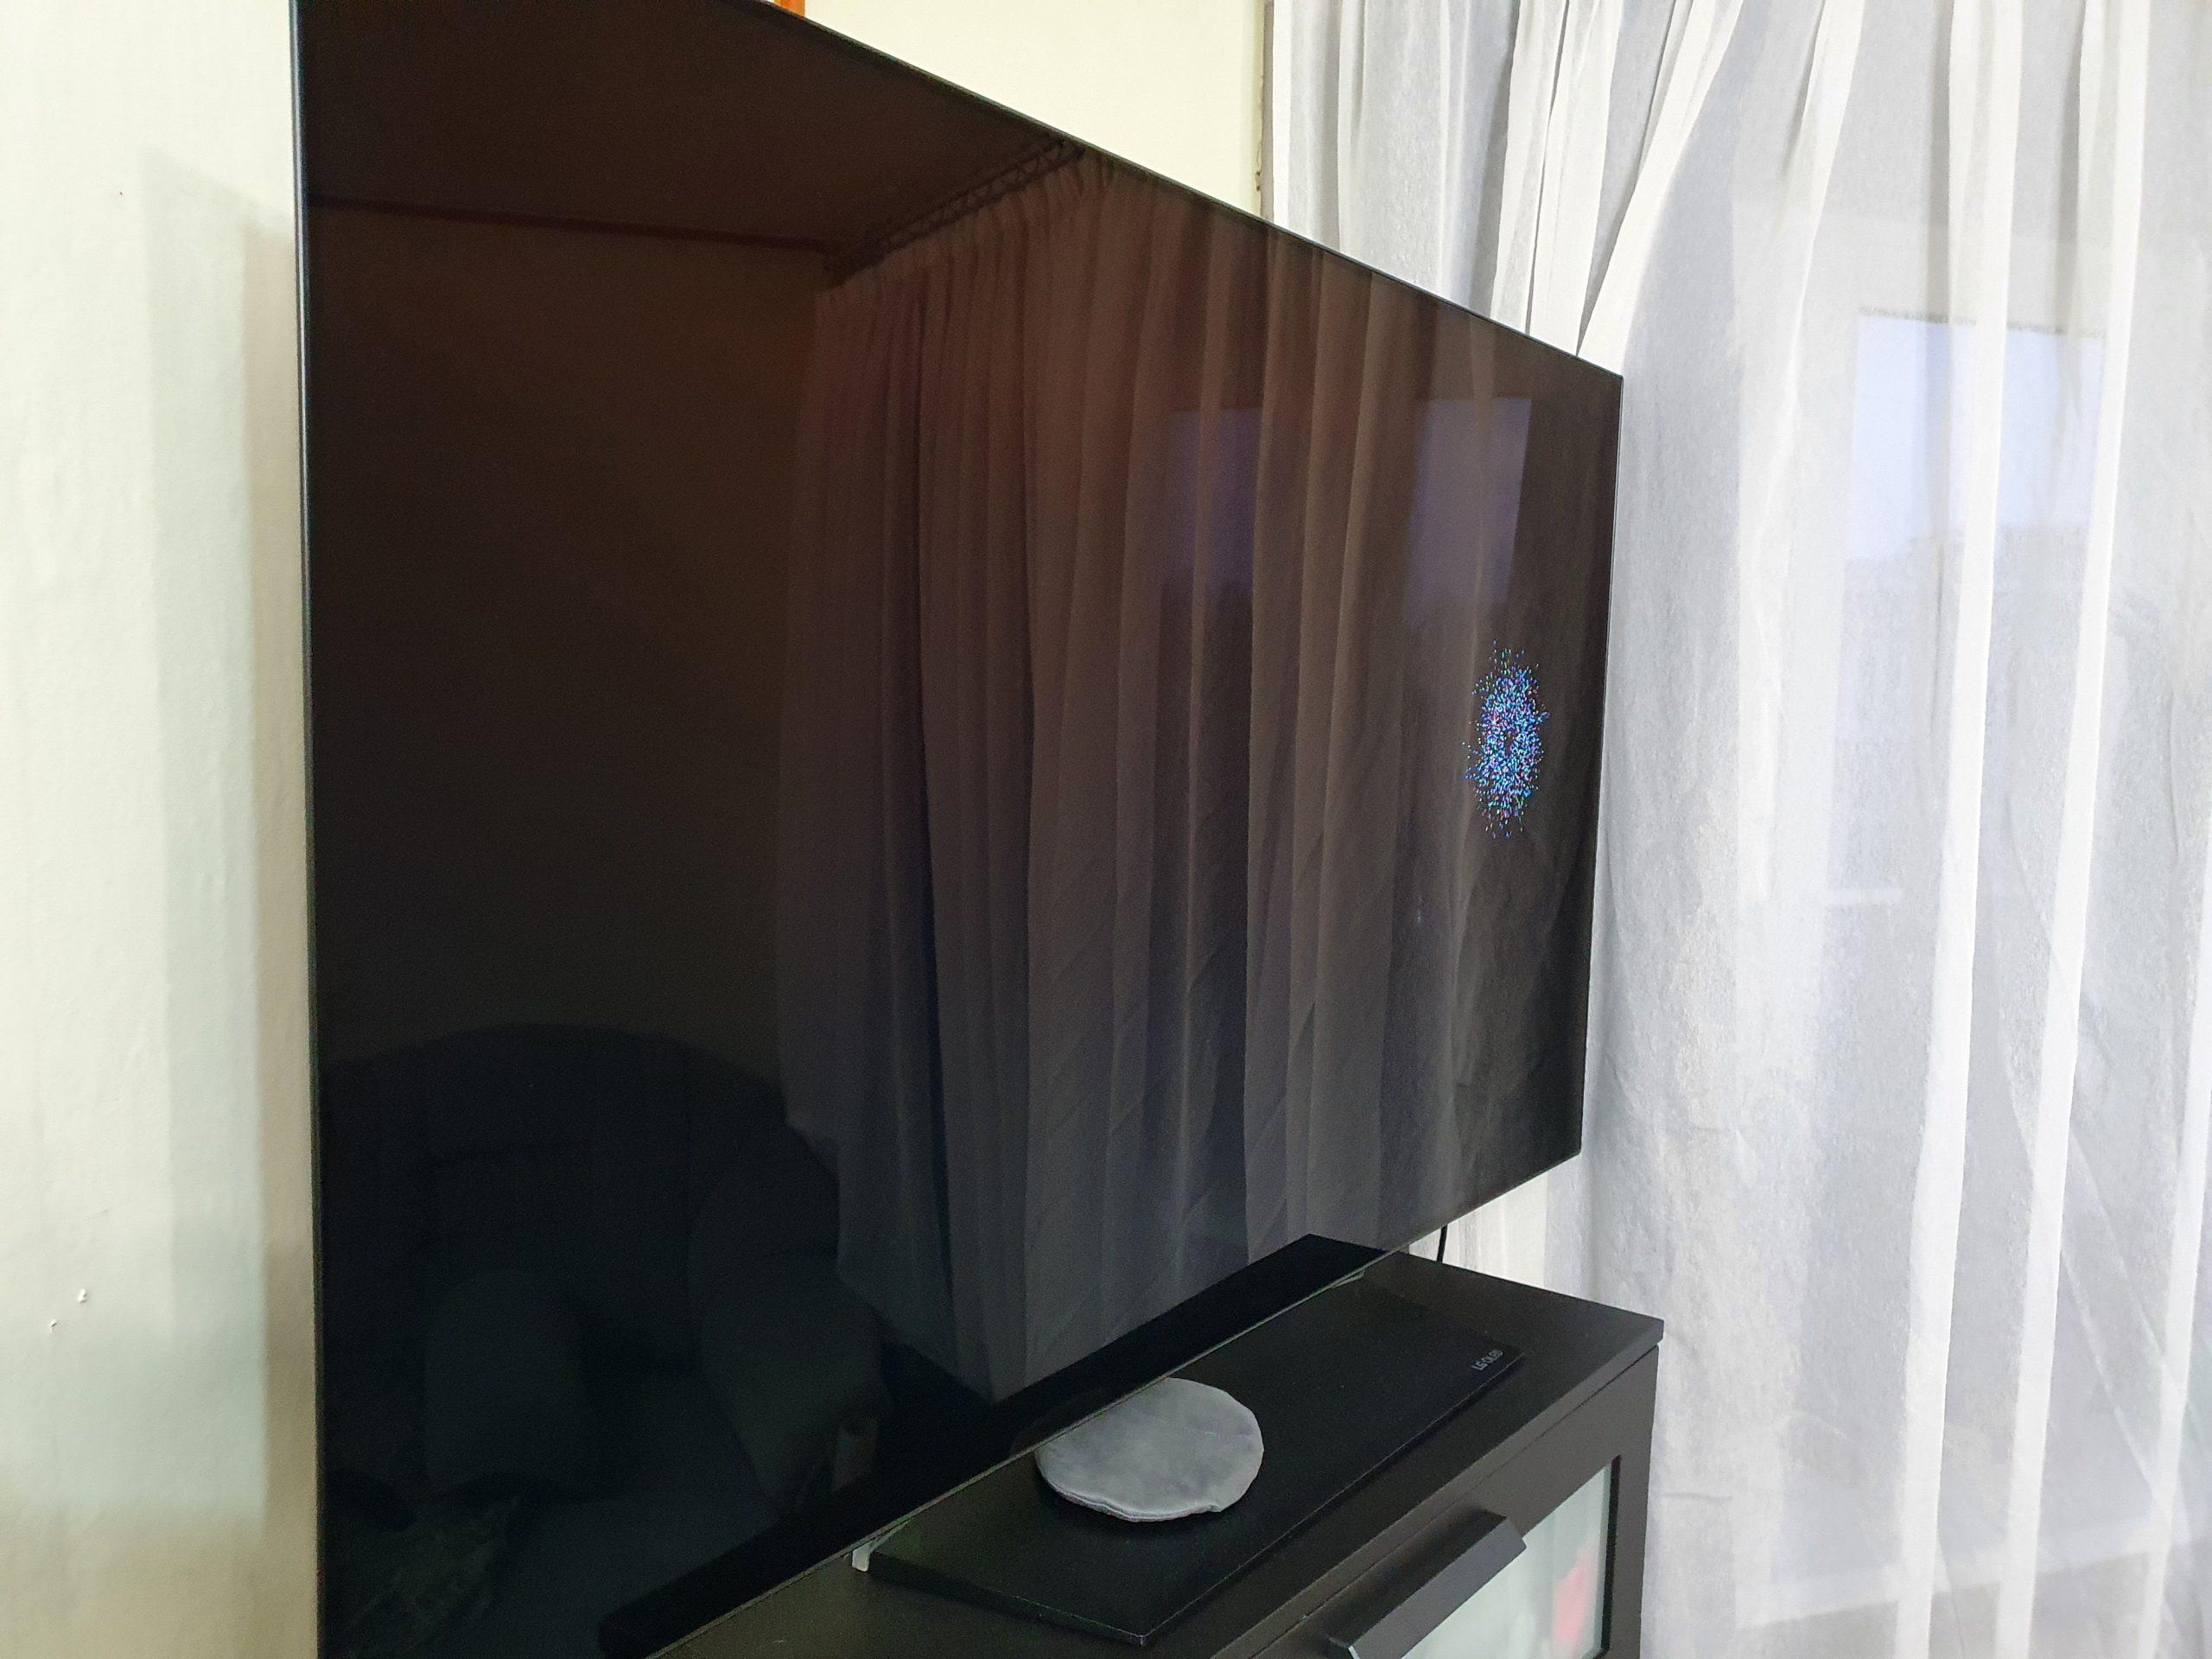 Лучший телевизор в своем классе